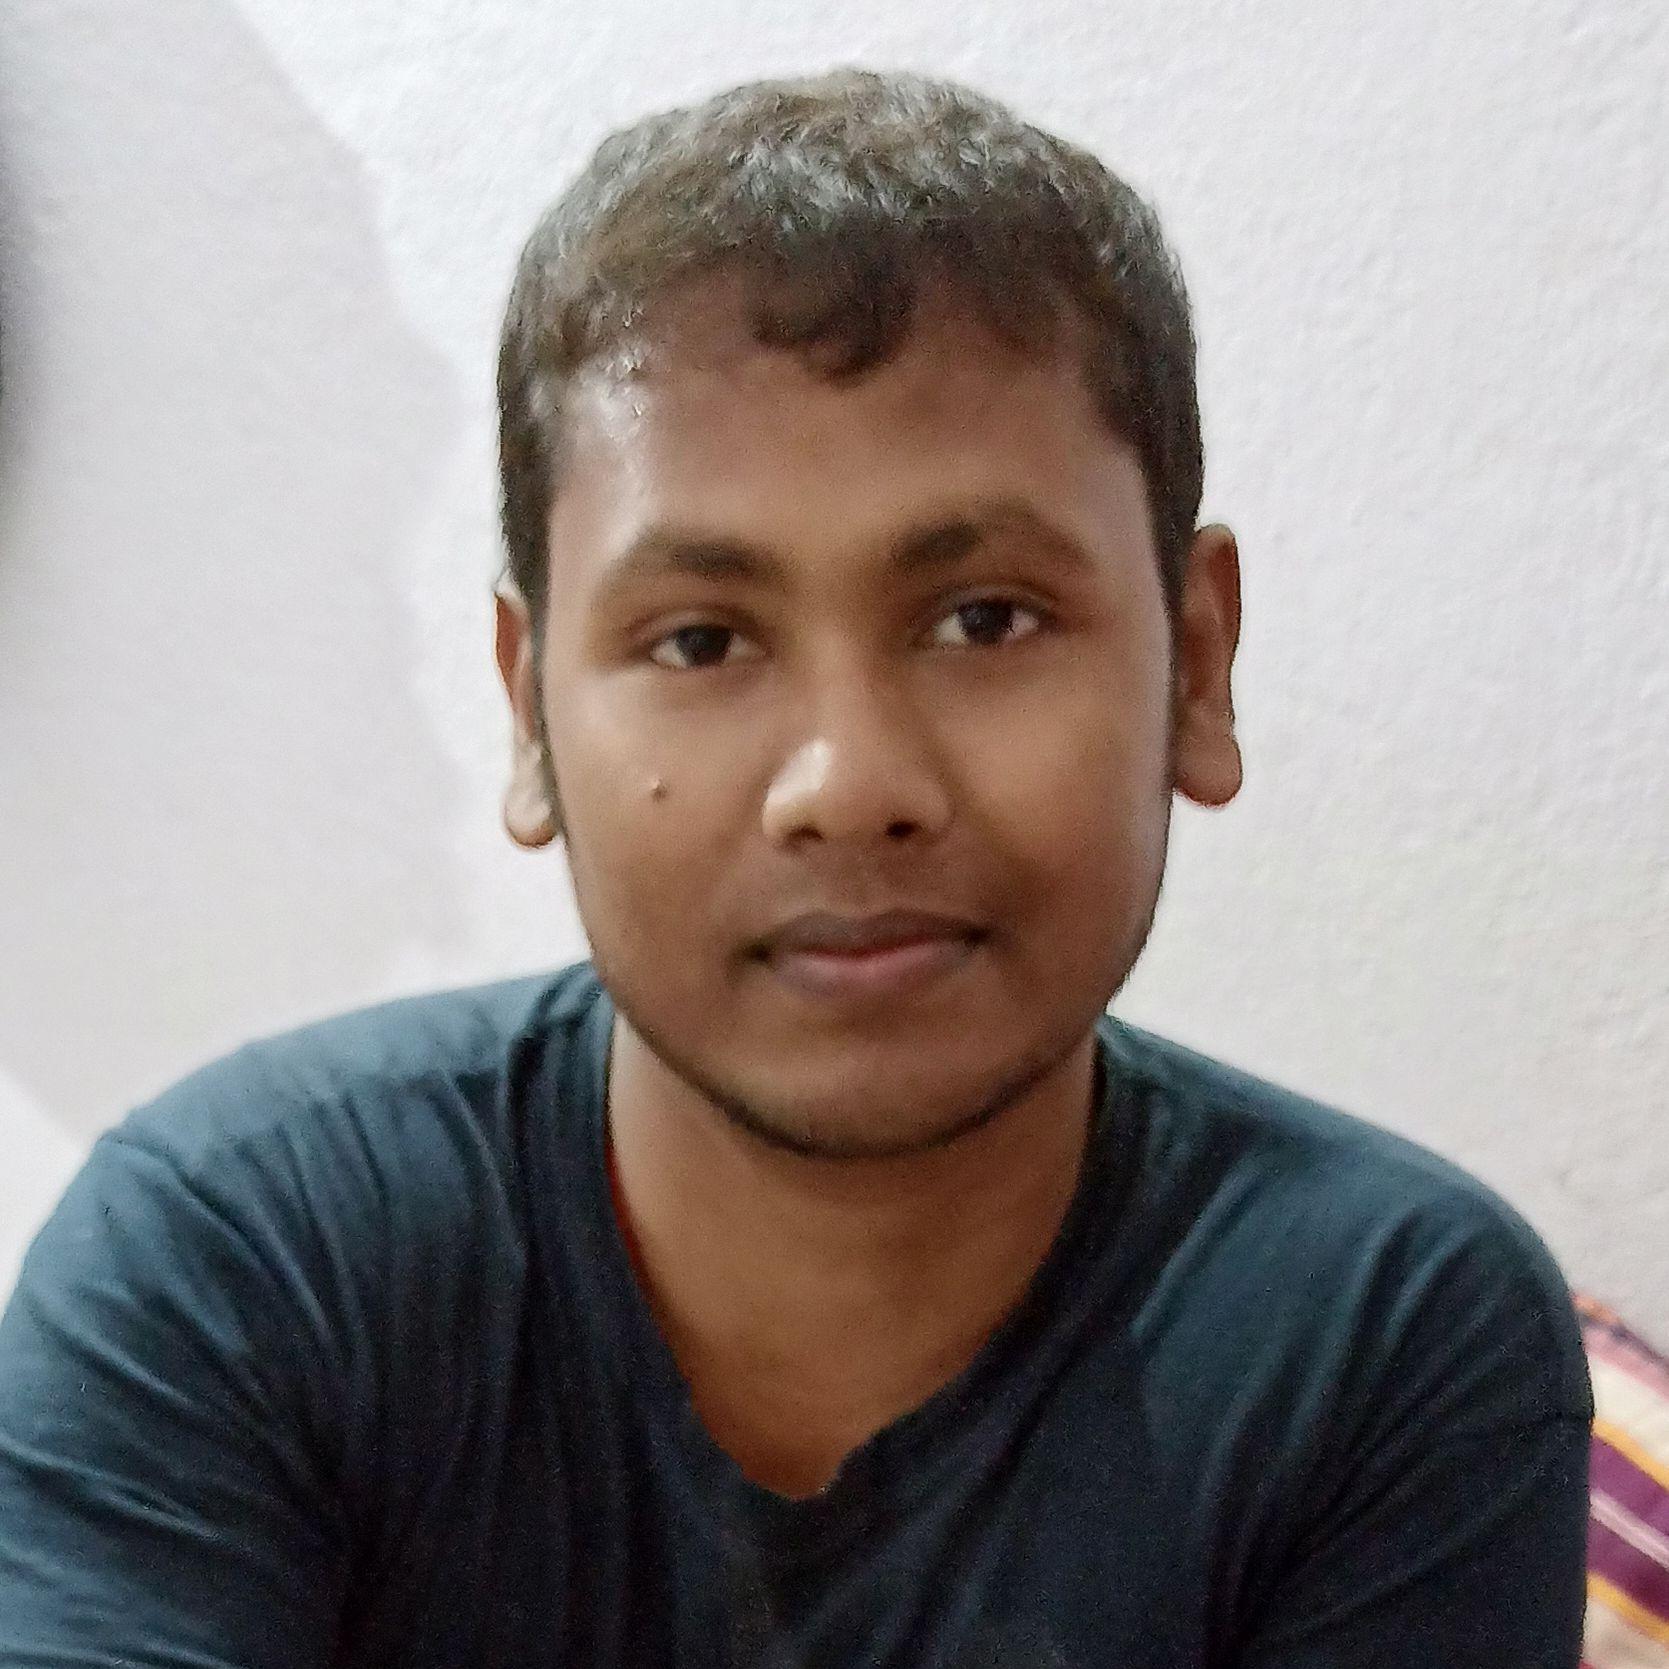 Dn Kumar